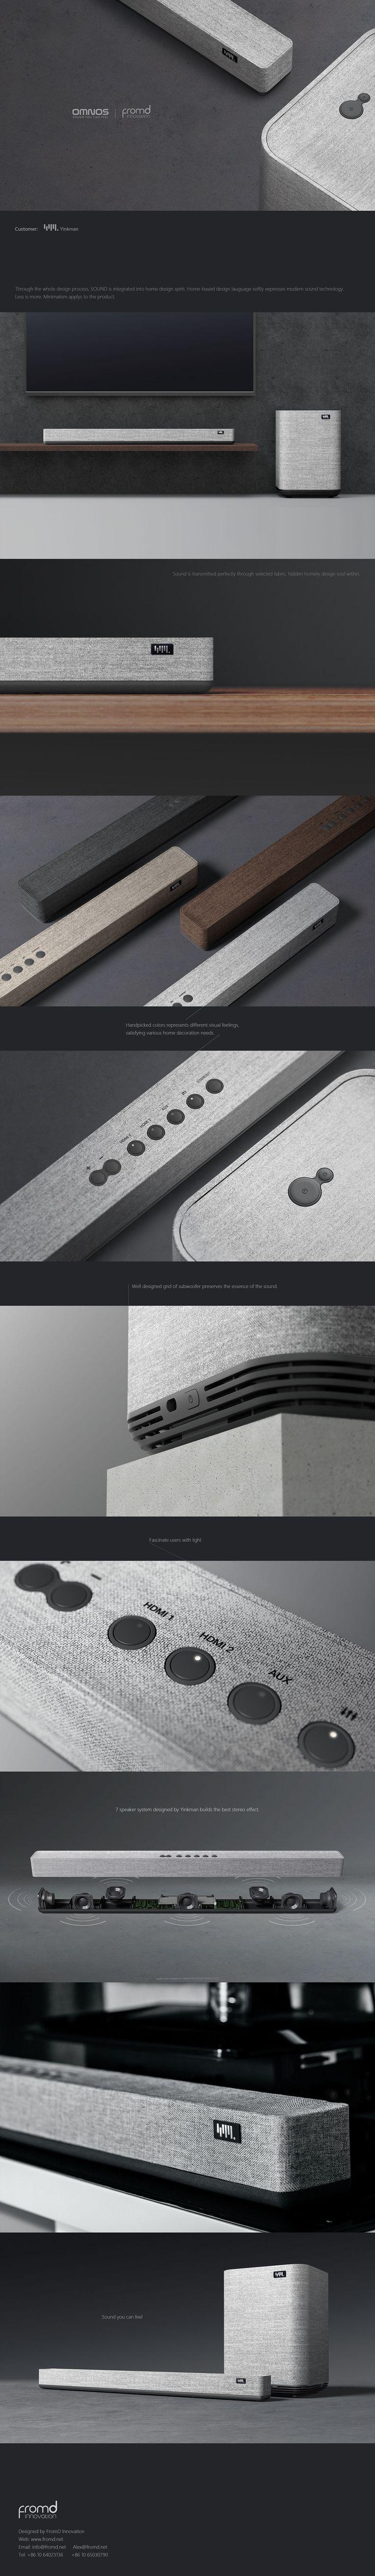 Product design: soundbar & subwoofer on Behance